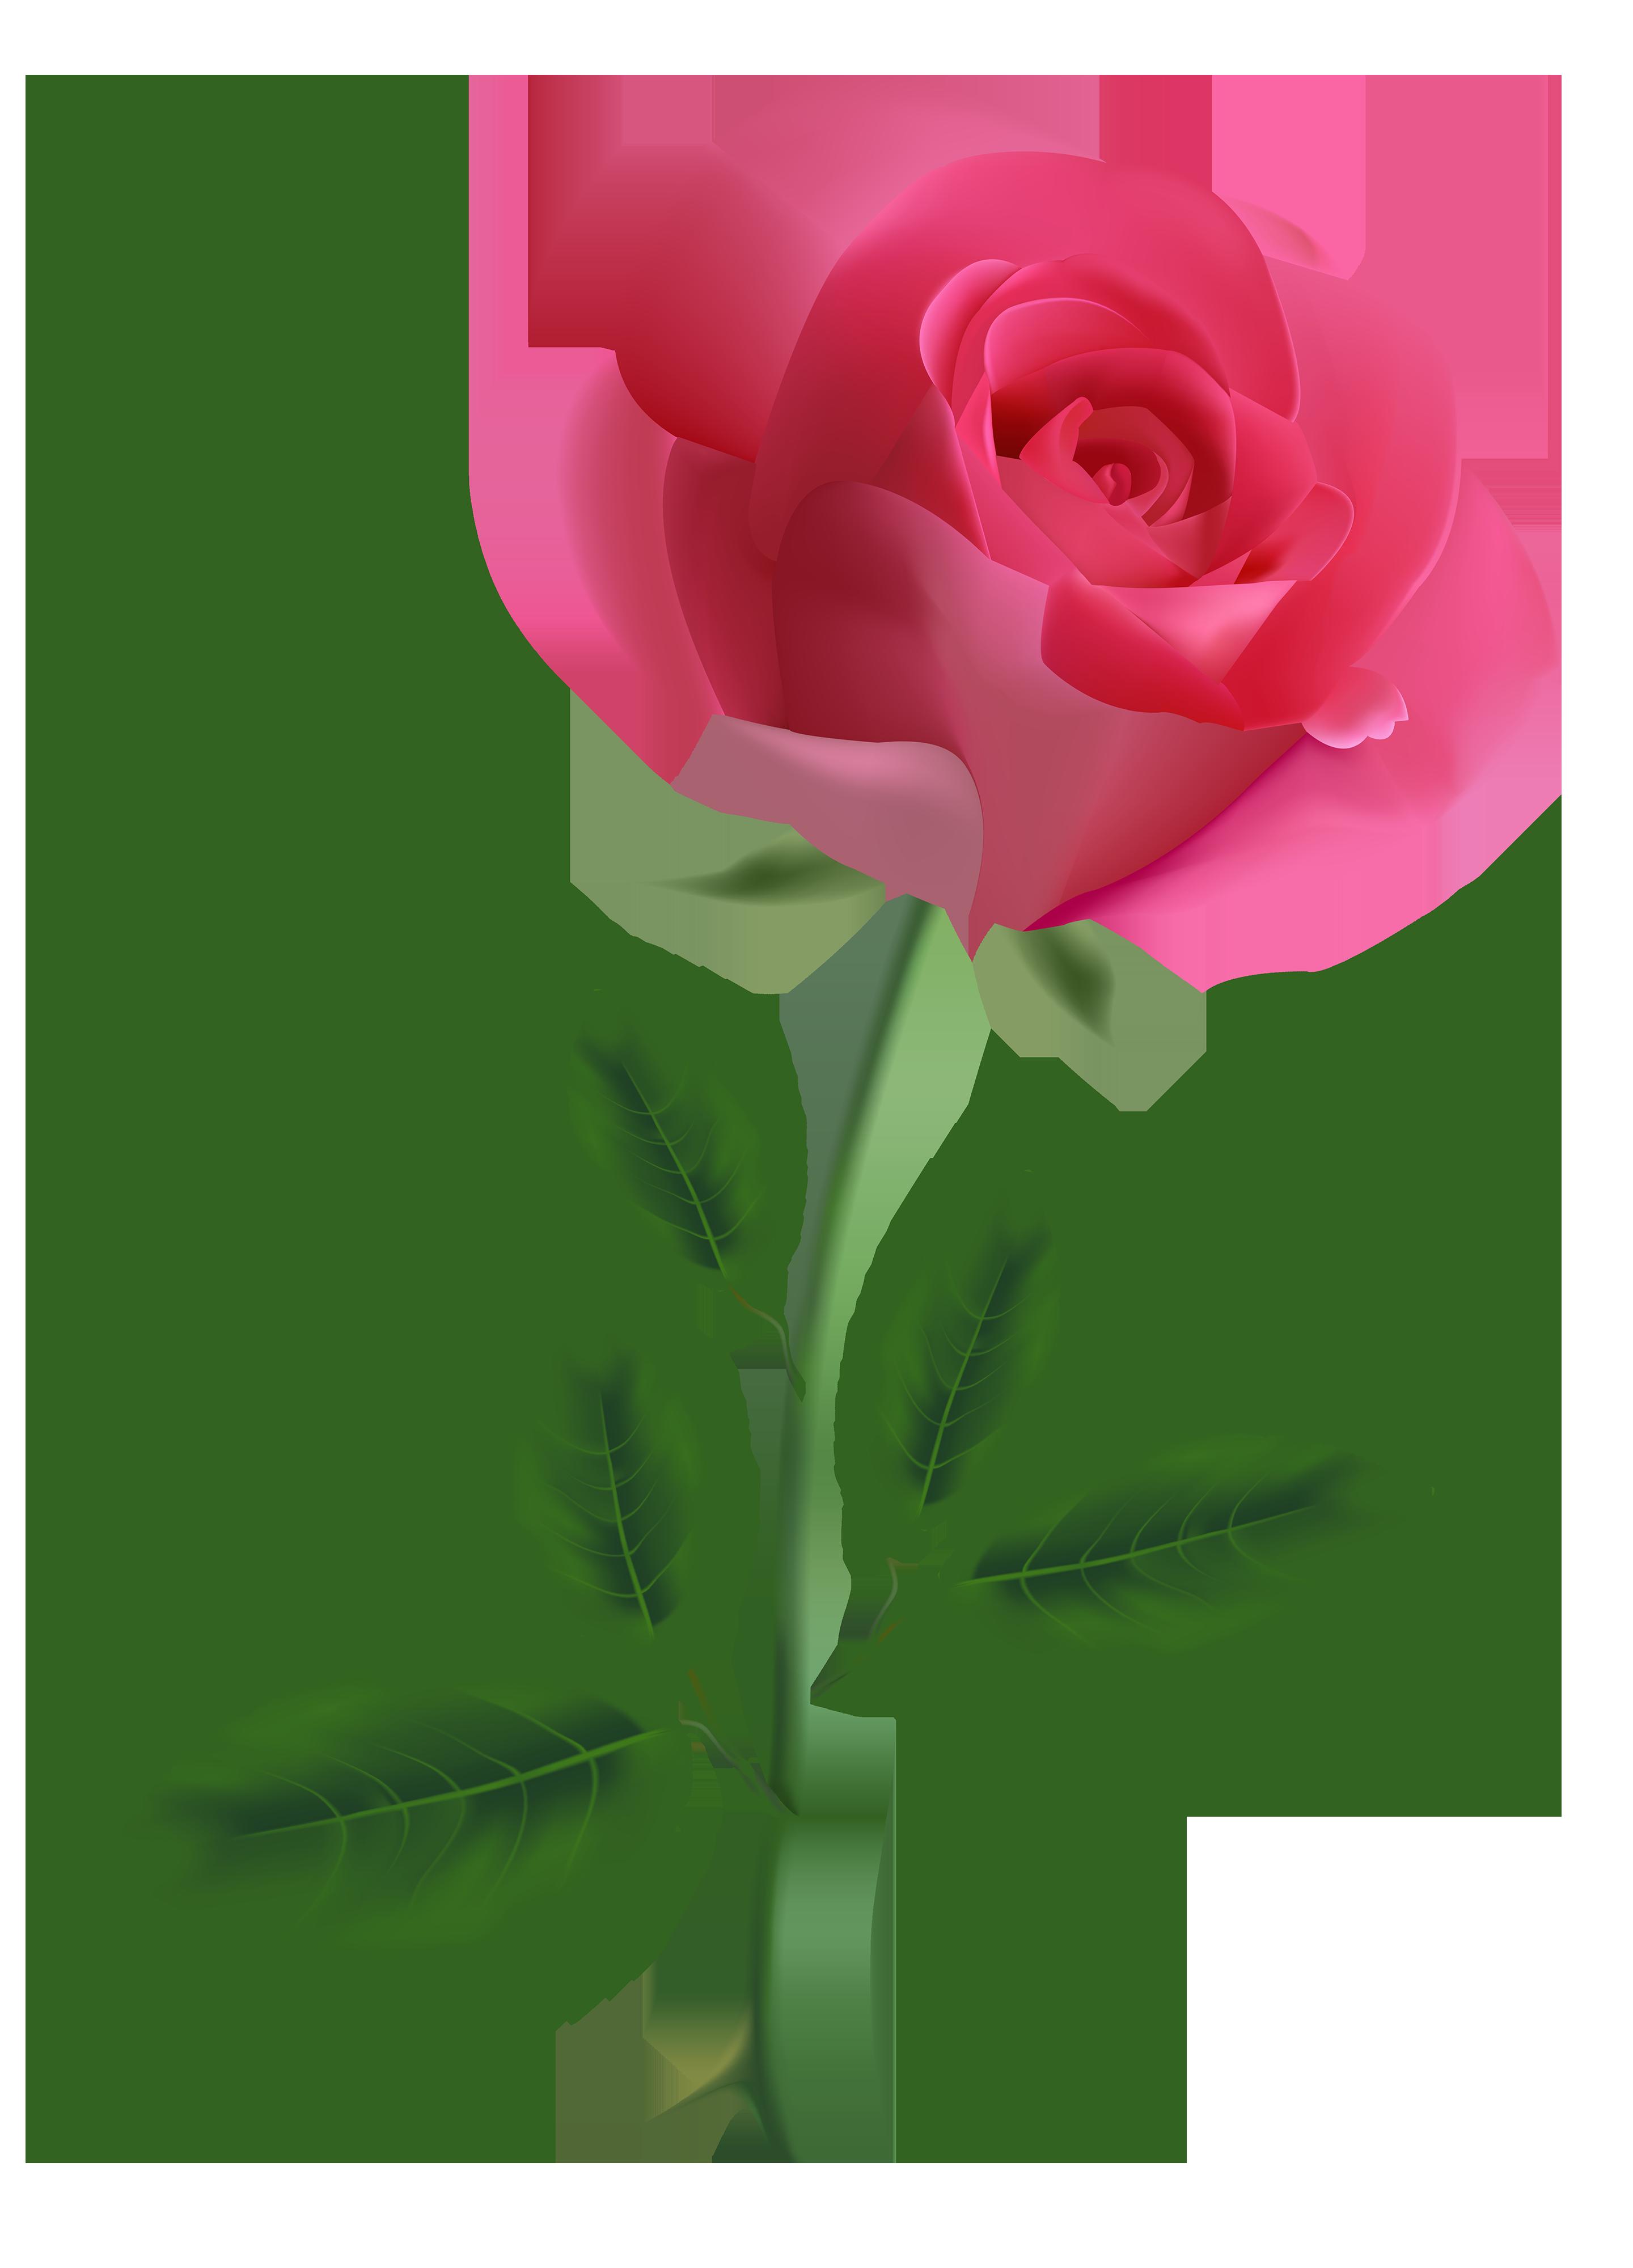 Pink png image design. Clipart rose tea